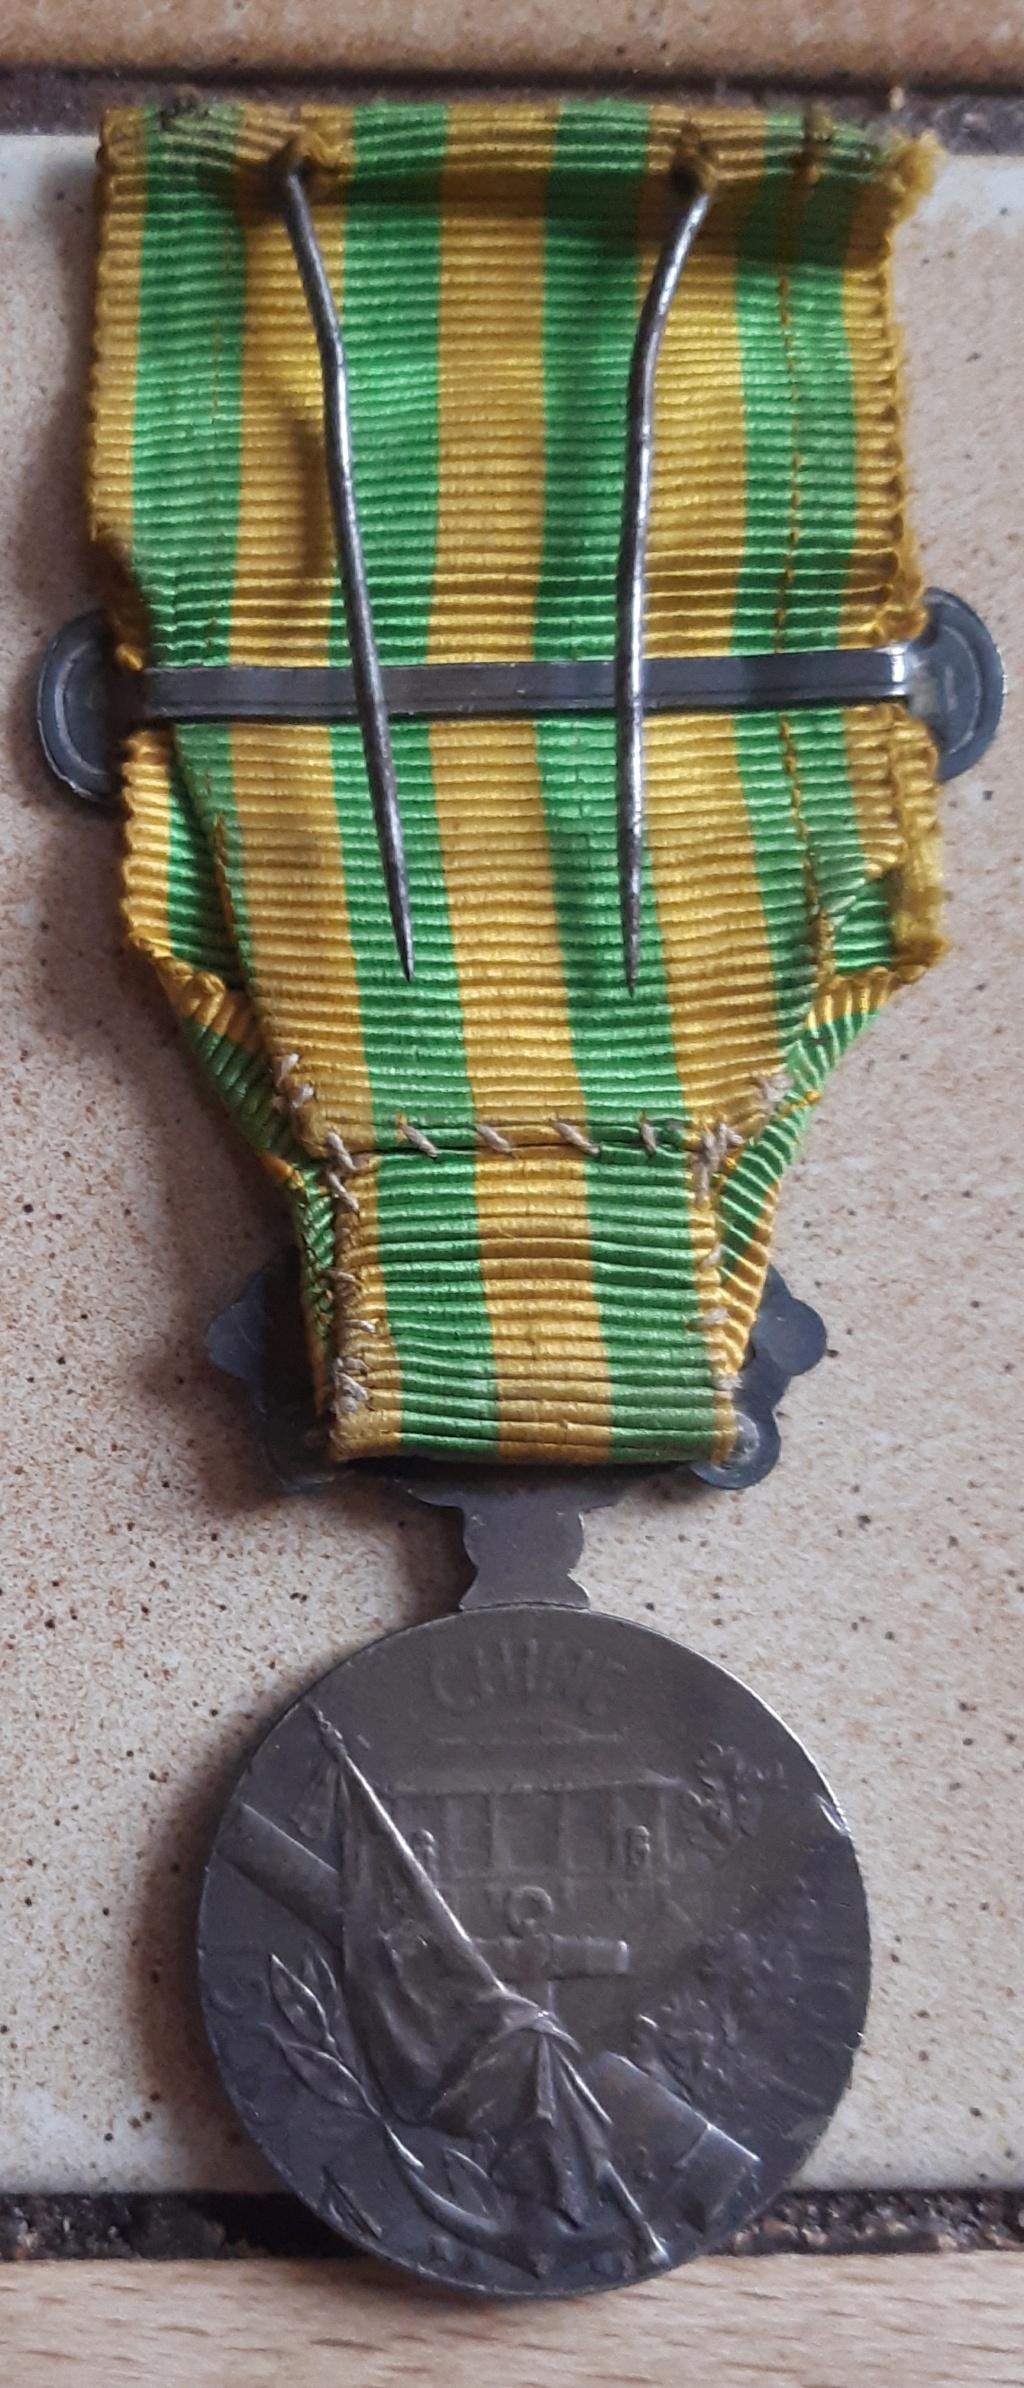 Médaille commémorative de Chine 1900 - 1901 Verso21